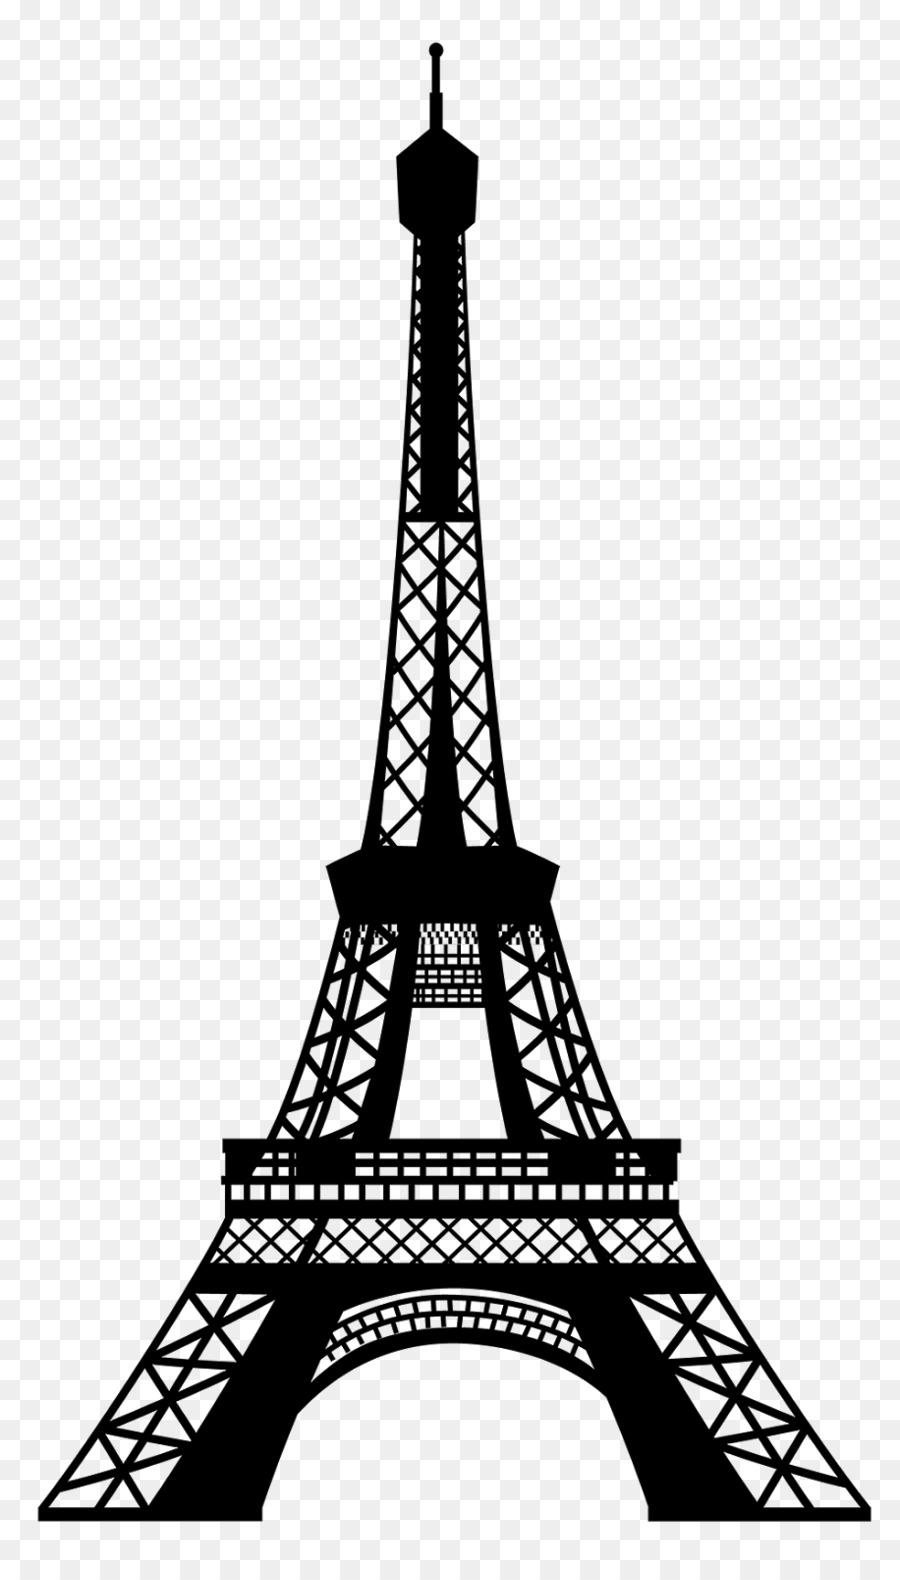 Paris eiffel tower clipart 3 » Clipart Station.